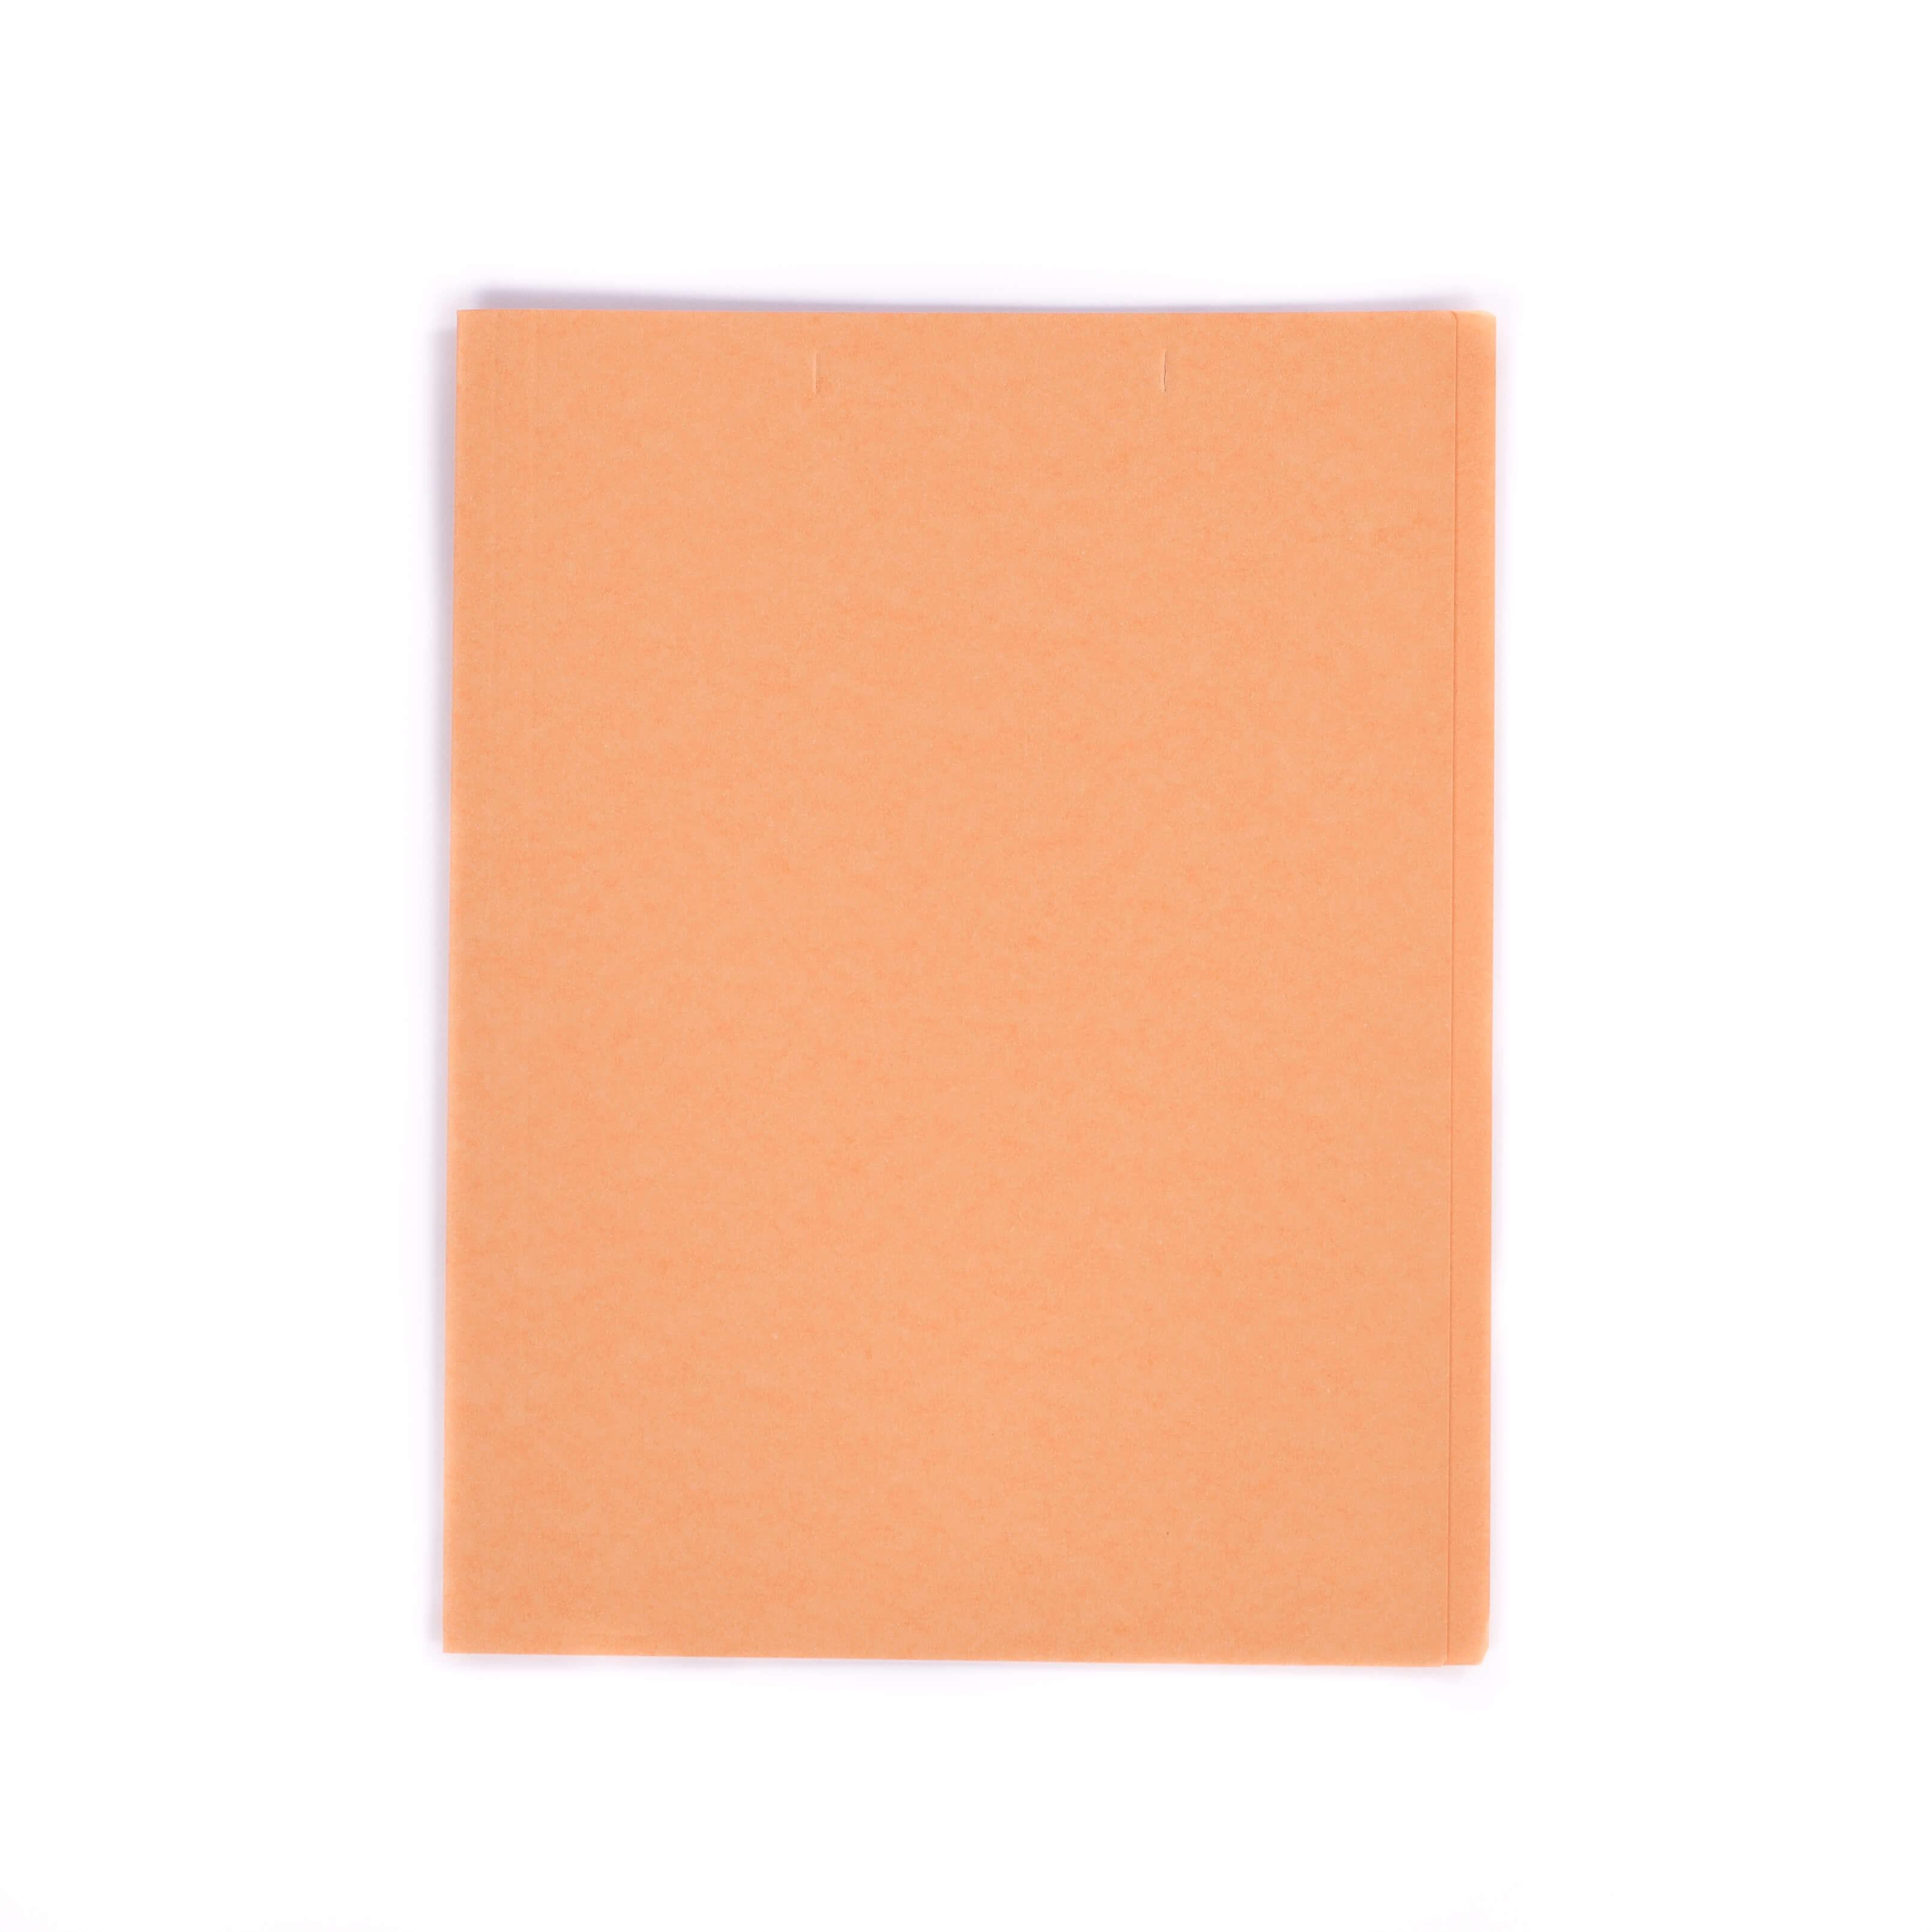 แฟ้มพับกระดาษ ตราใบโพธิ์ สีส้ม A4